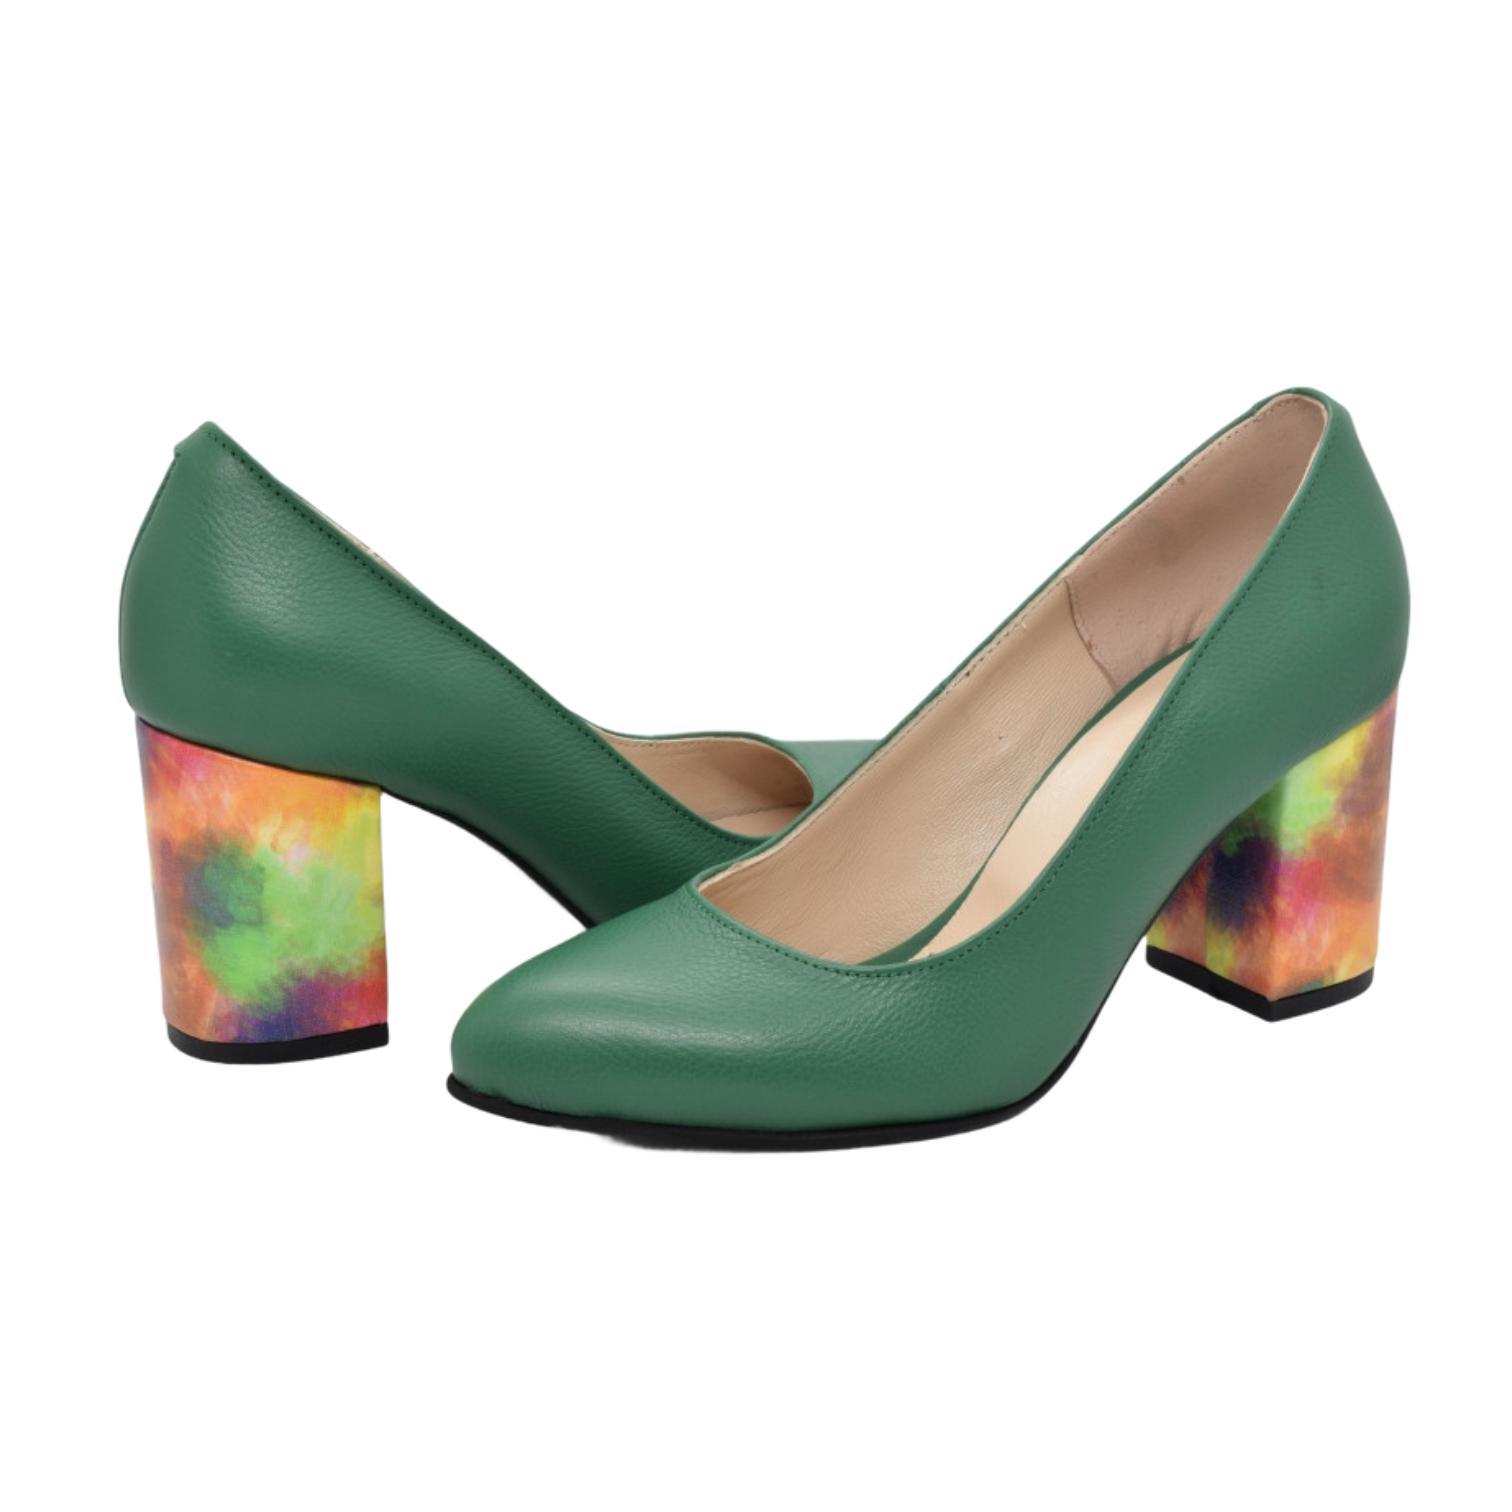 Pantofi verzi cu toc cu model curcubeu